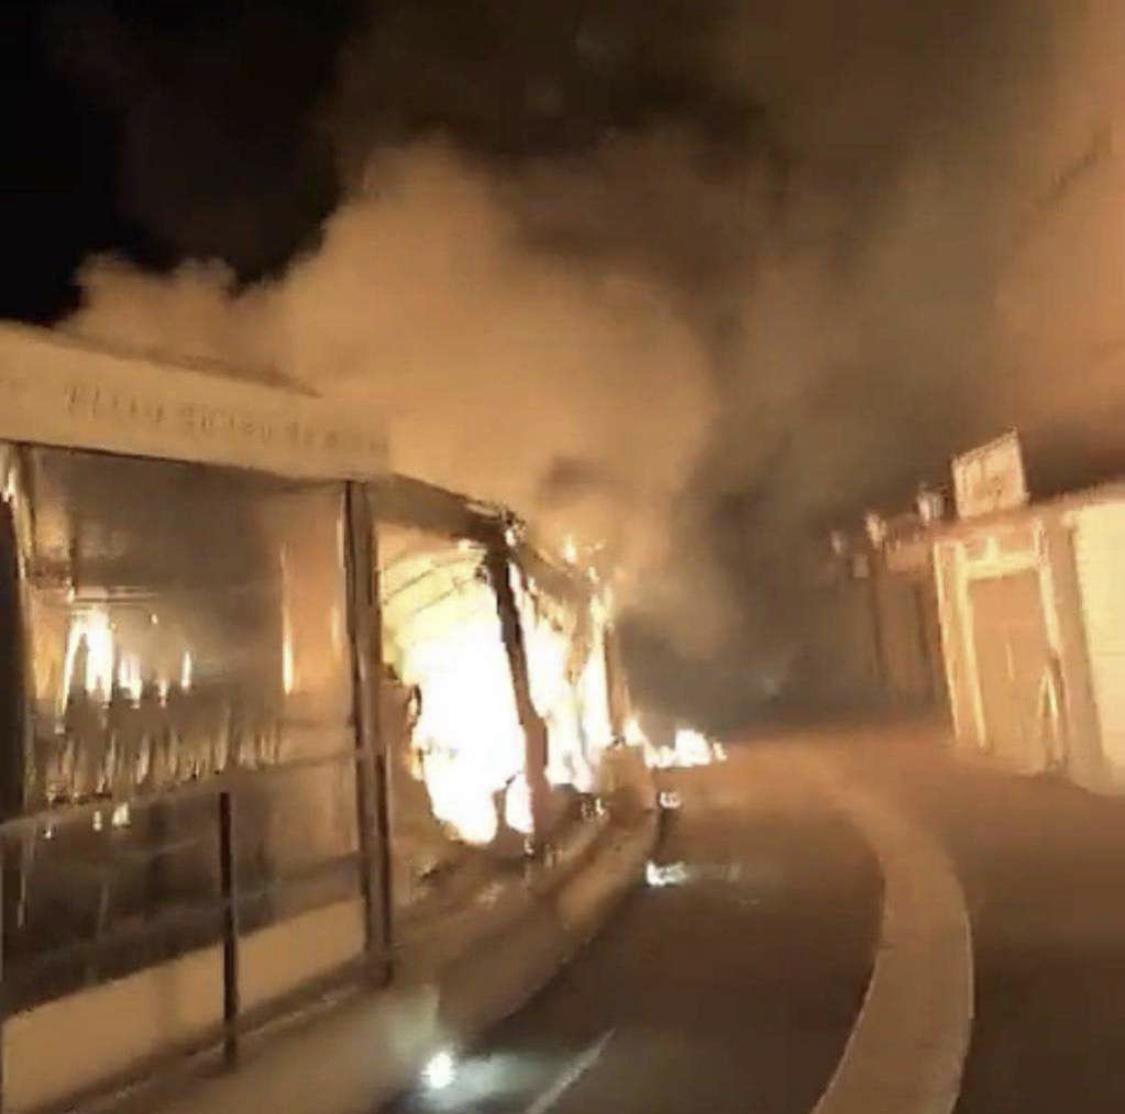 Après les incendies de la nuit : nombreuses réactions de condamnation